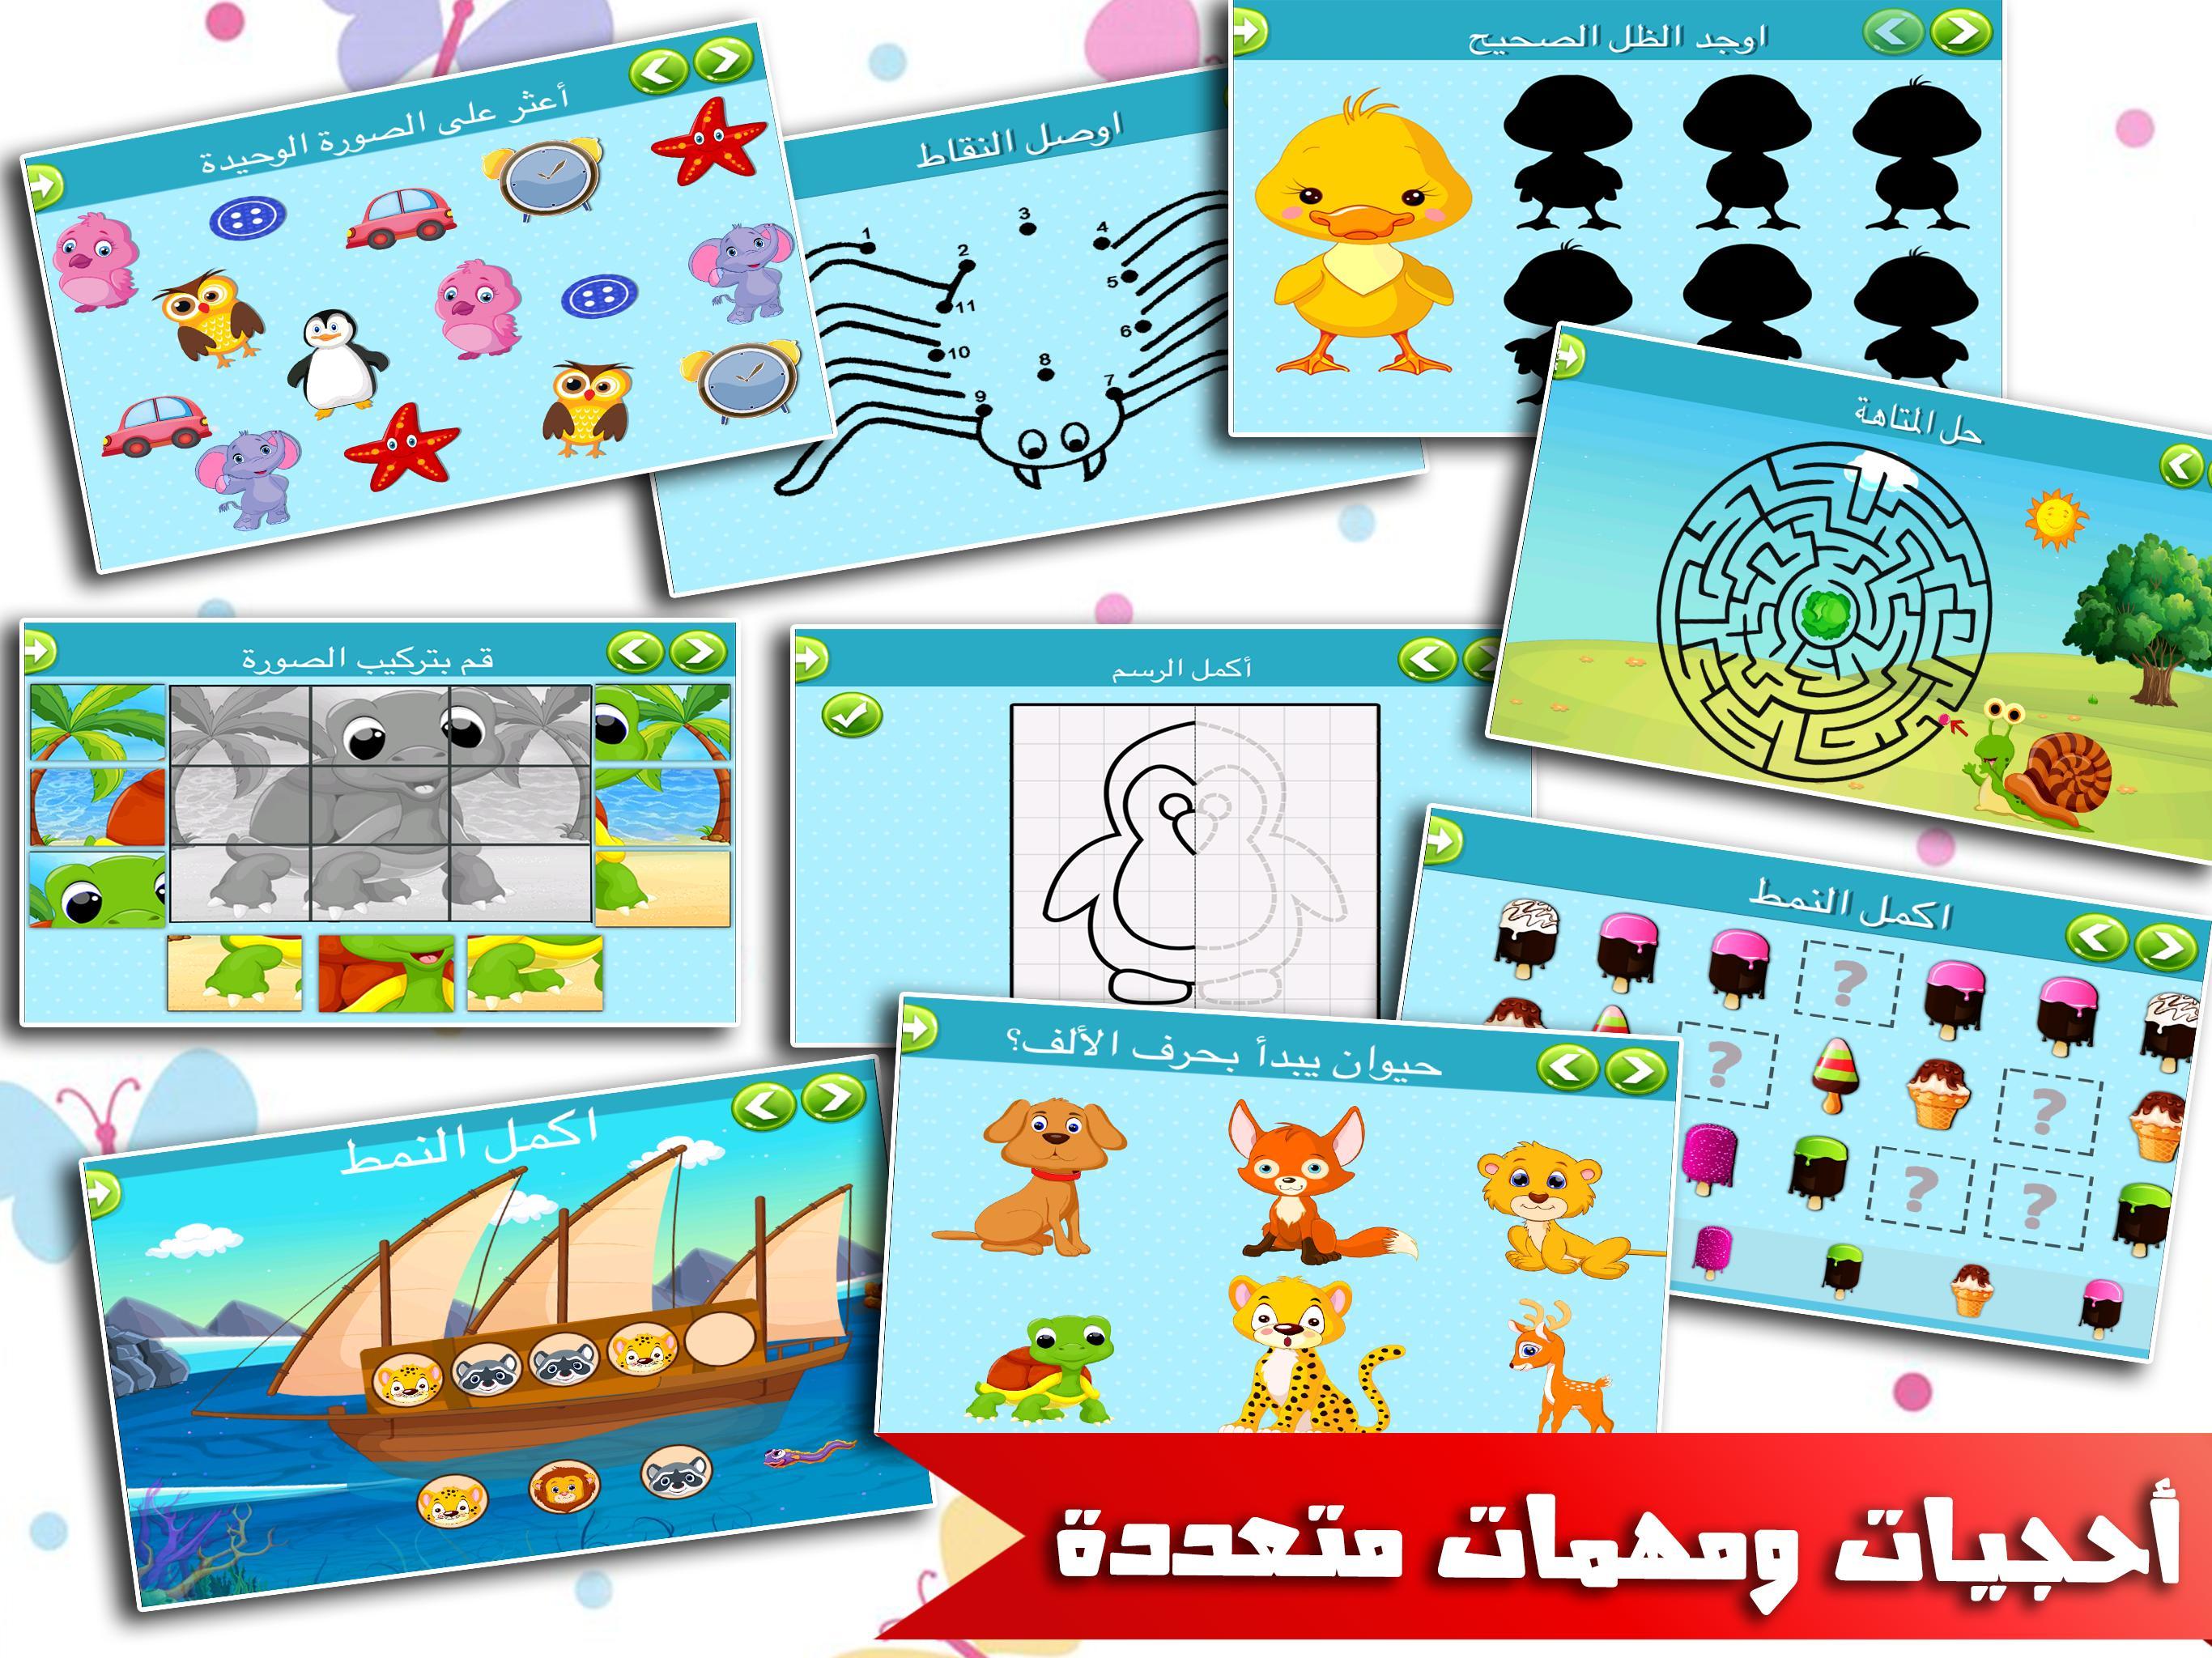 العاب ذكاء اطفال و بنات تعليمية التعليم و الذكاء 1.0.1 Screenshot 12